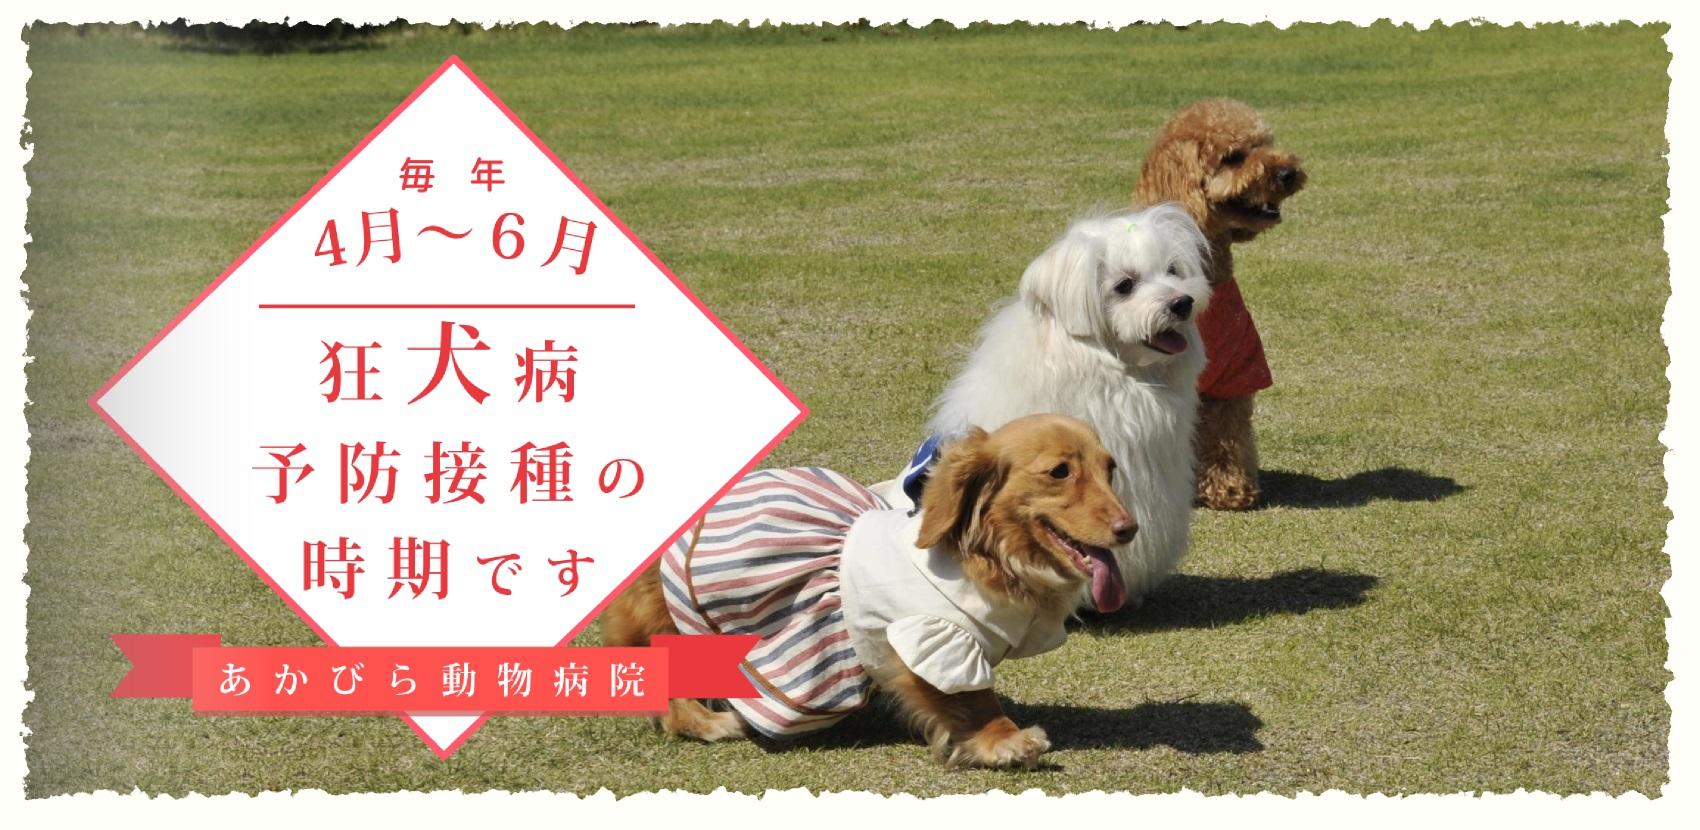 狂犬病予防接種の時期です